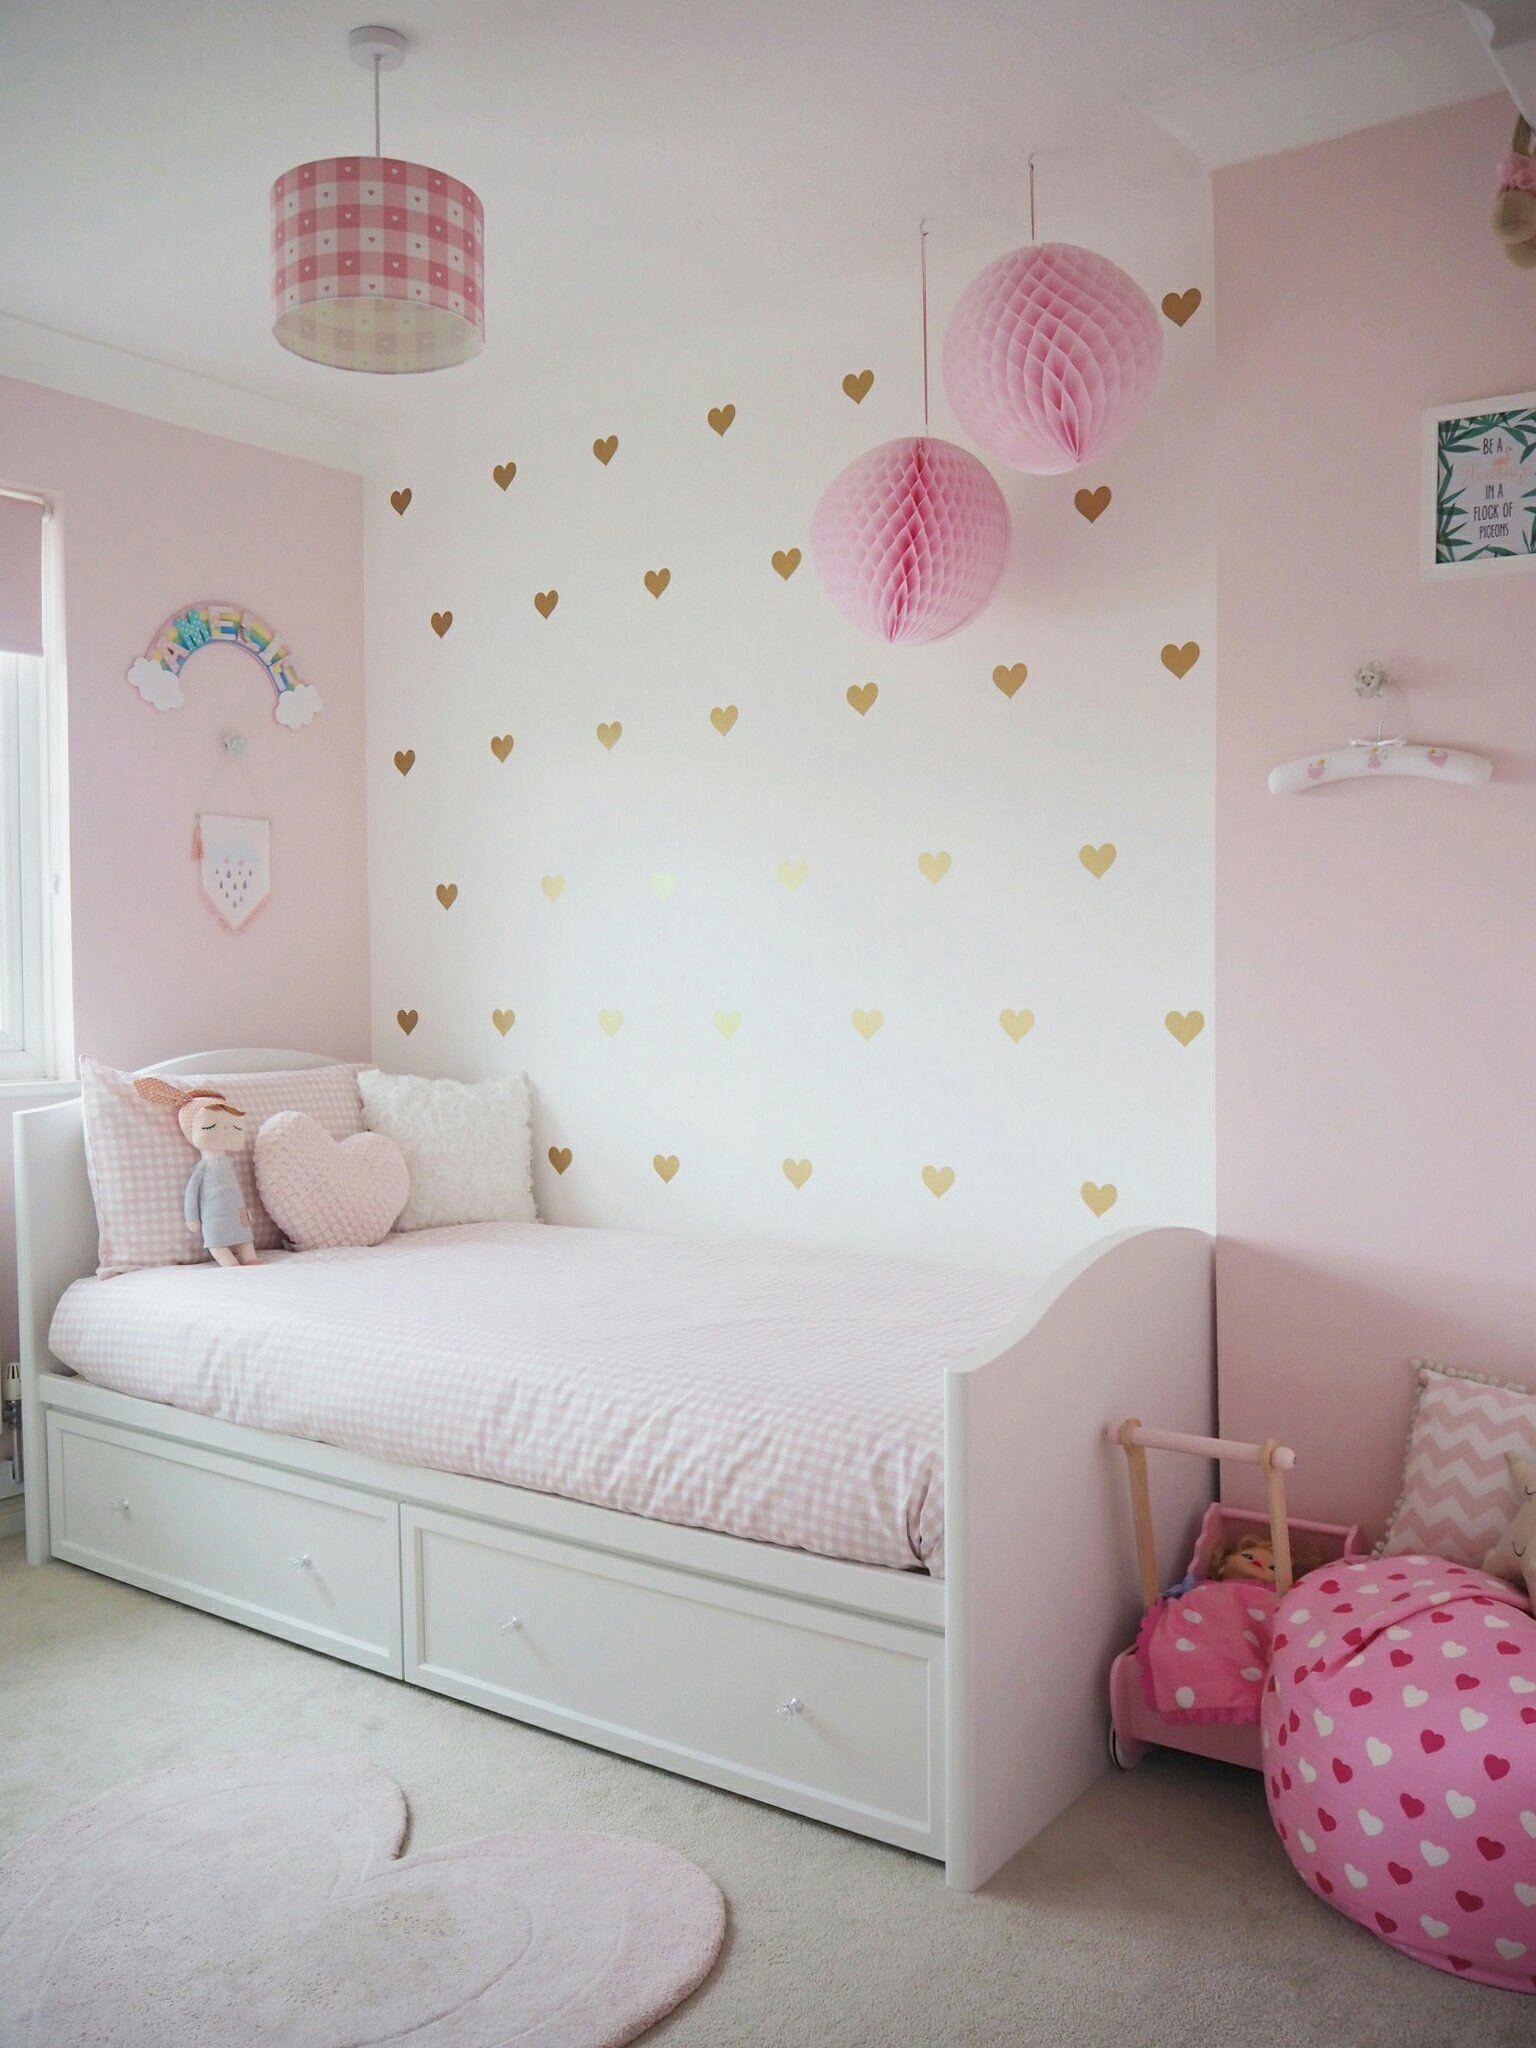 ورق حائط اطفال فراشات وردية Bedroom Decor Decor Pink Butterfly